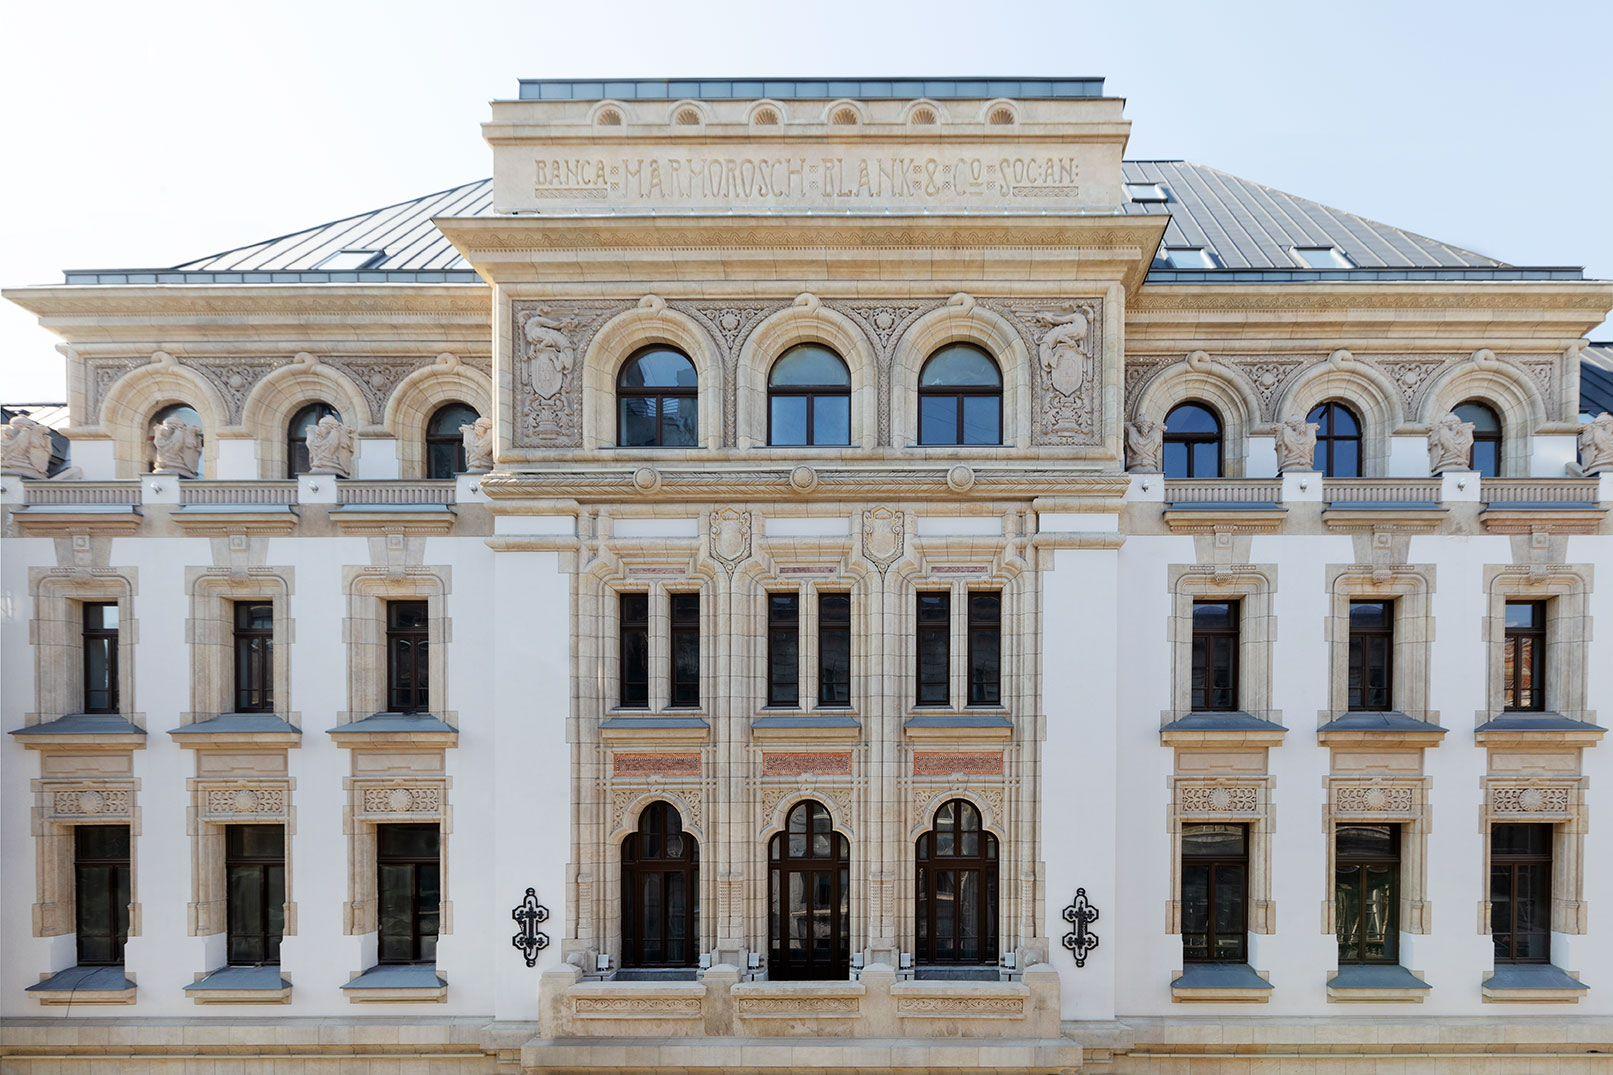 Fostul palat al Băncii Marmorosch-Blank din București devine hotel de lux